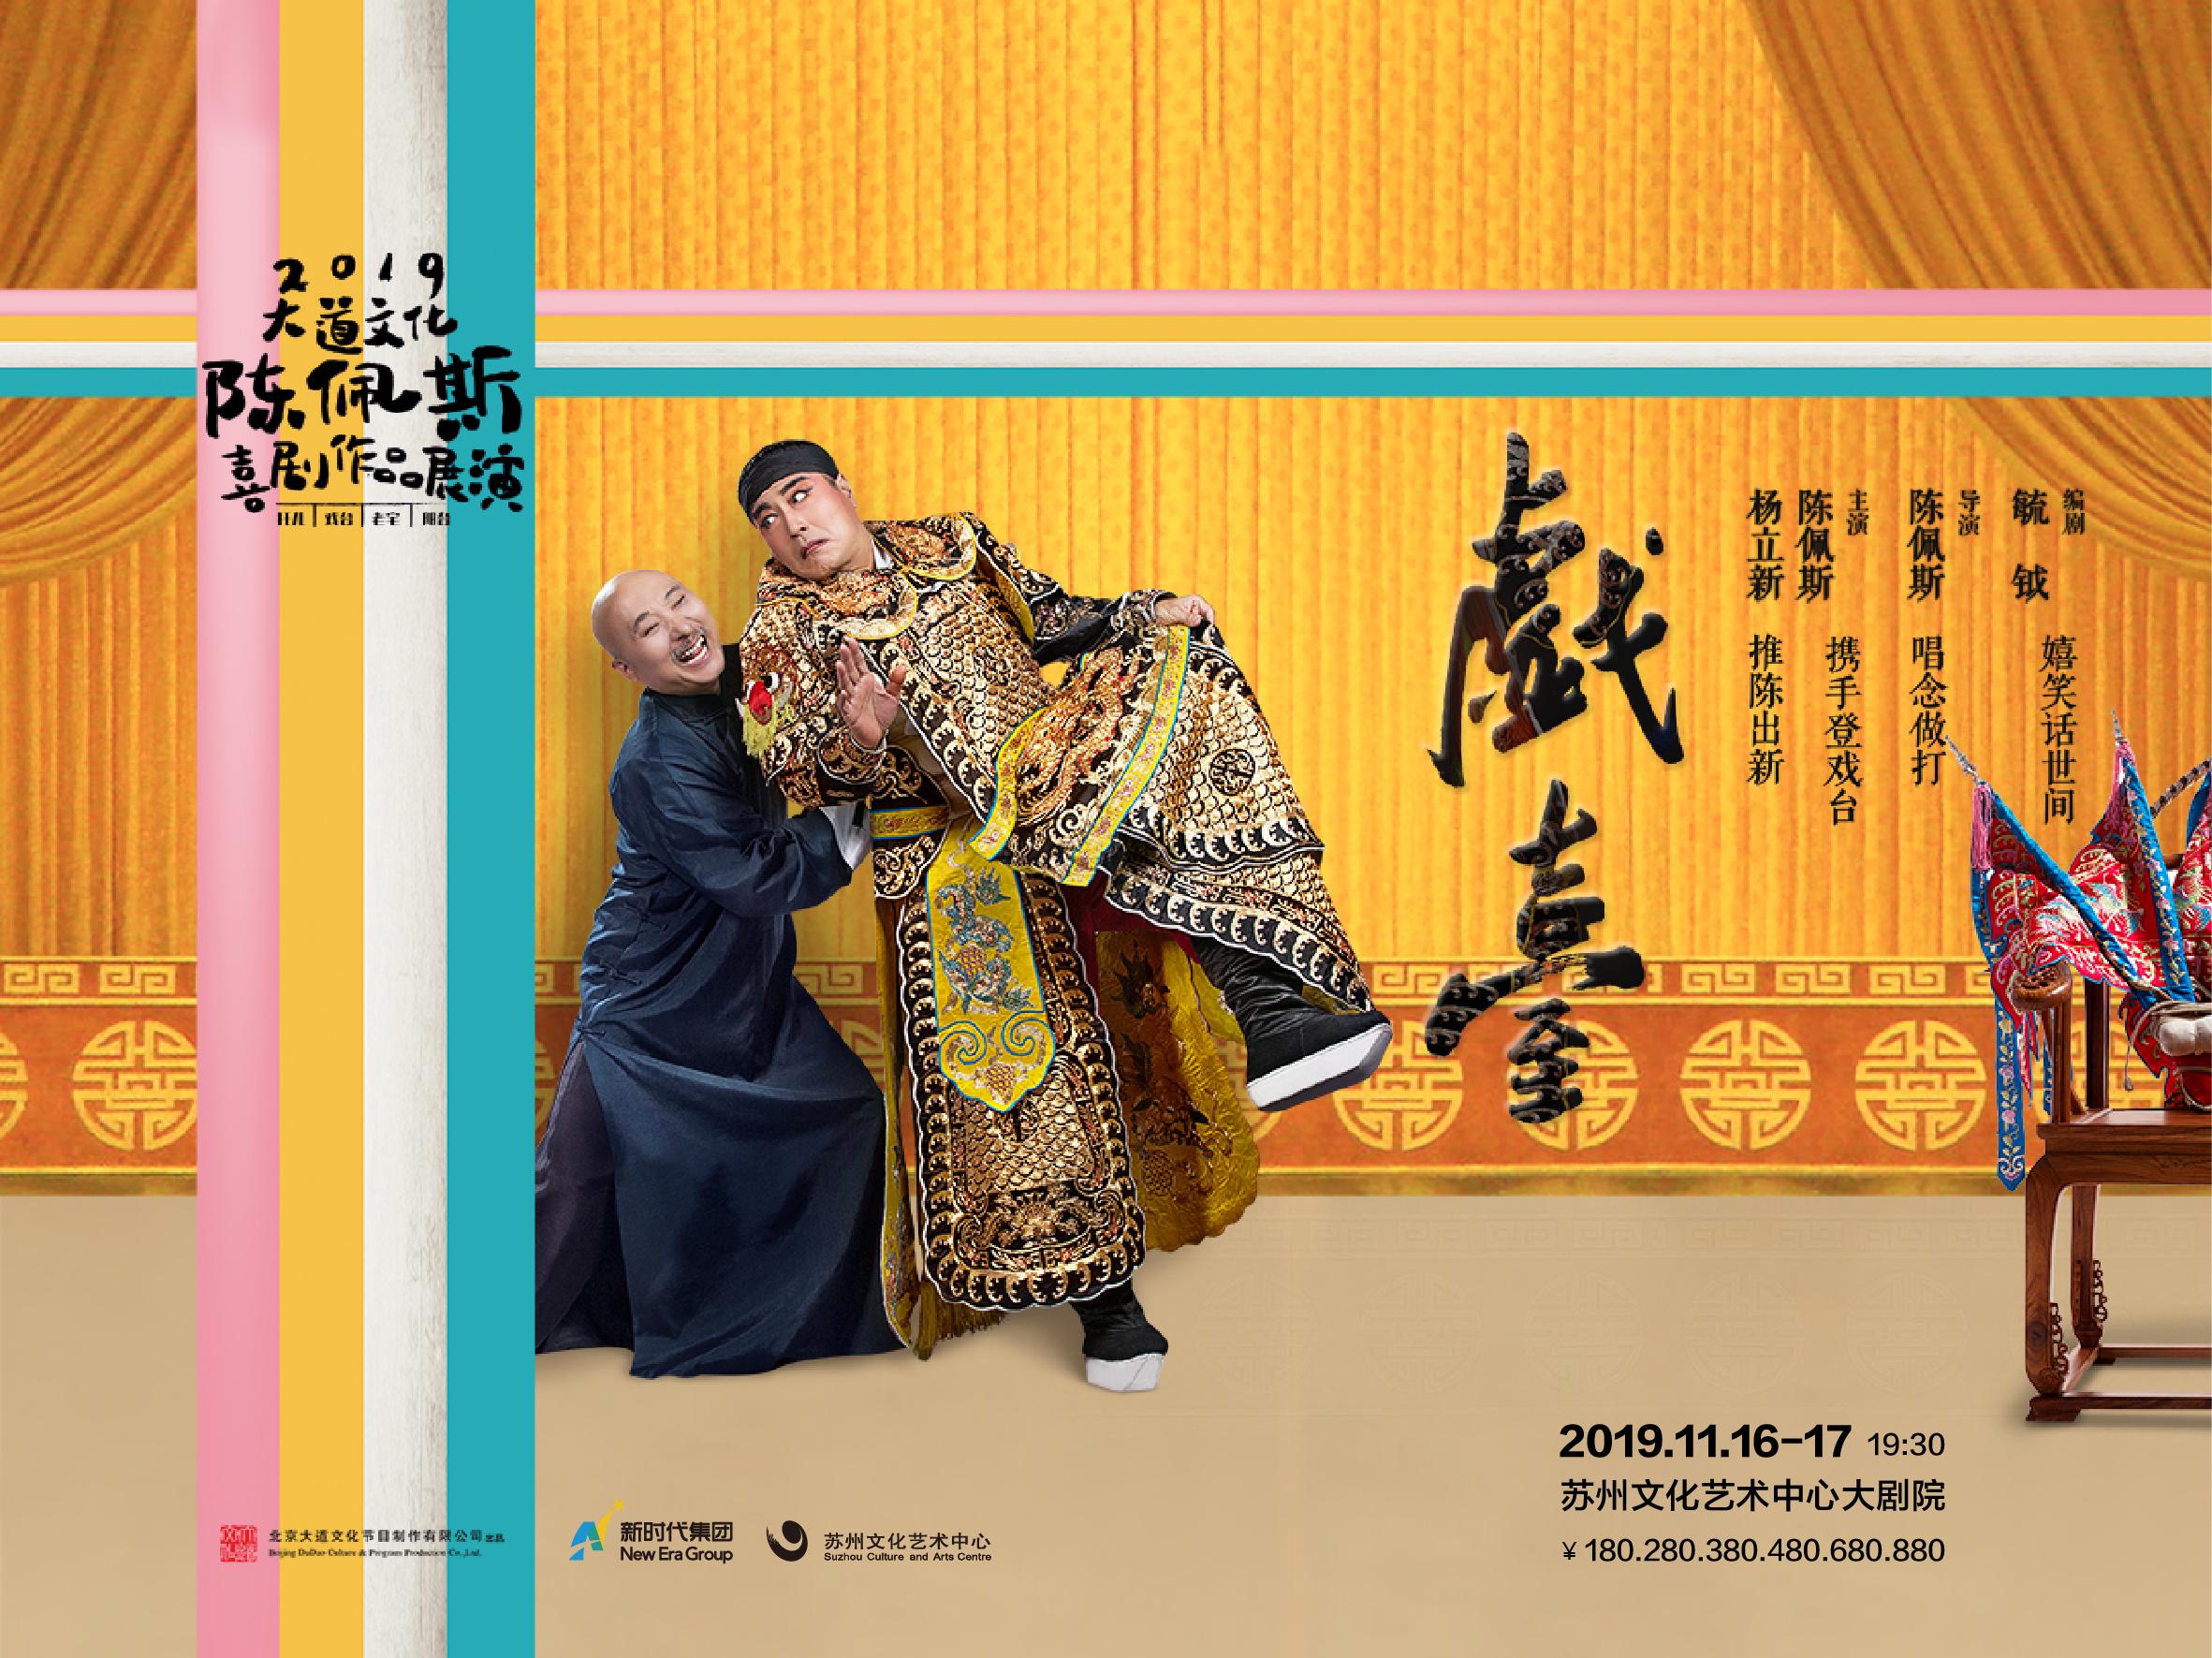 陈佩斯喜剧作品全国展演《戏台》